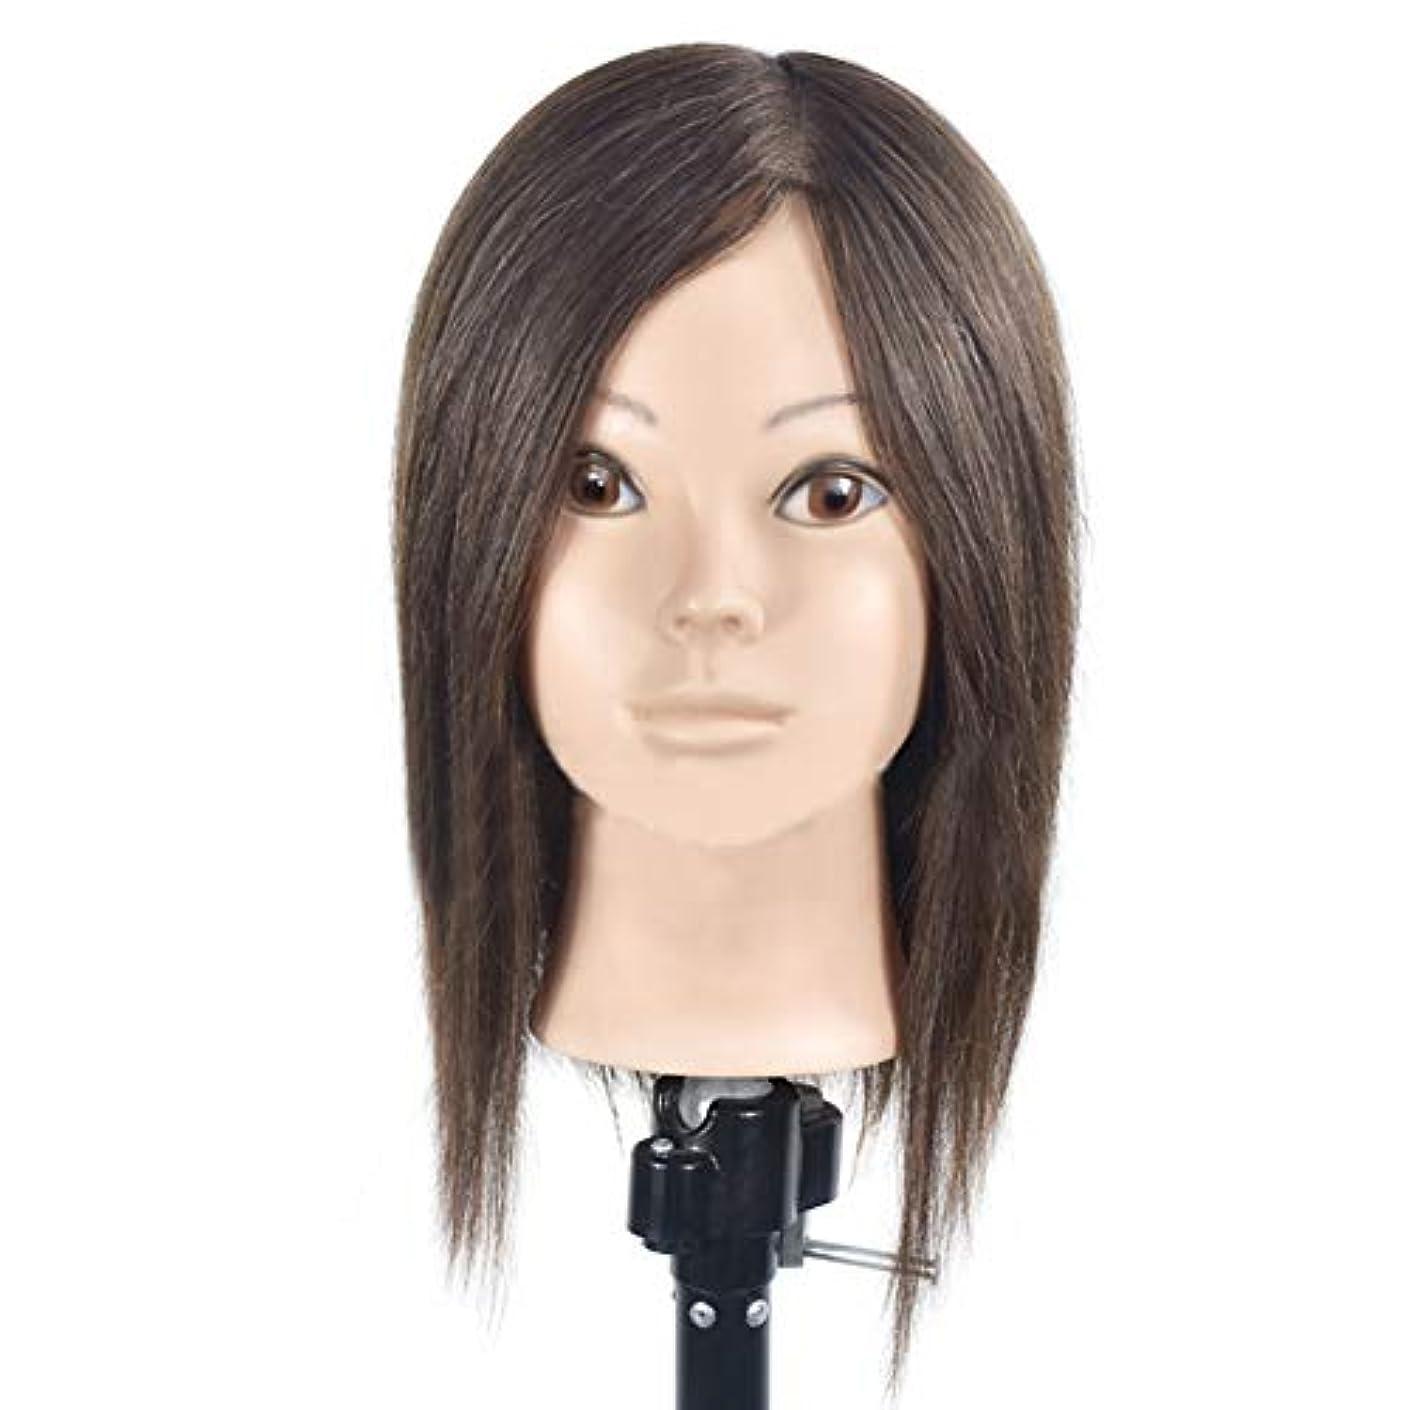 神スーパー比類なき本物の人間の髪のかつらの頭の金型の理髪の髪型のスタイリングマネキンの頭の理髪店の練習の練習ダミーヘッド